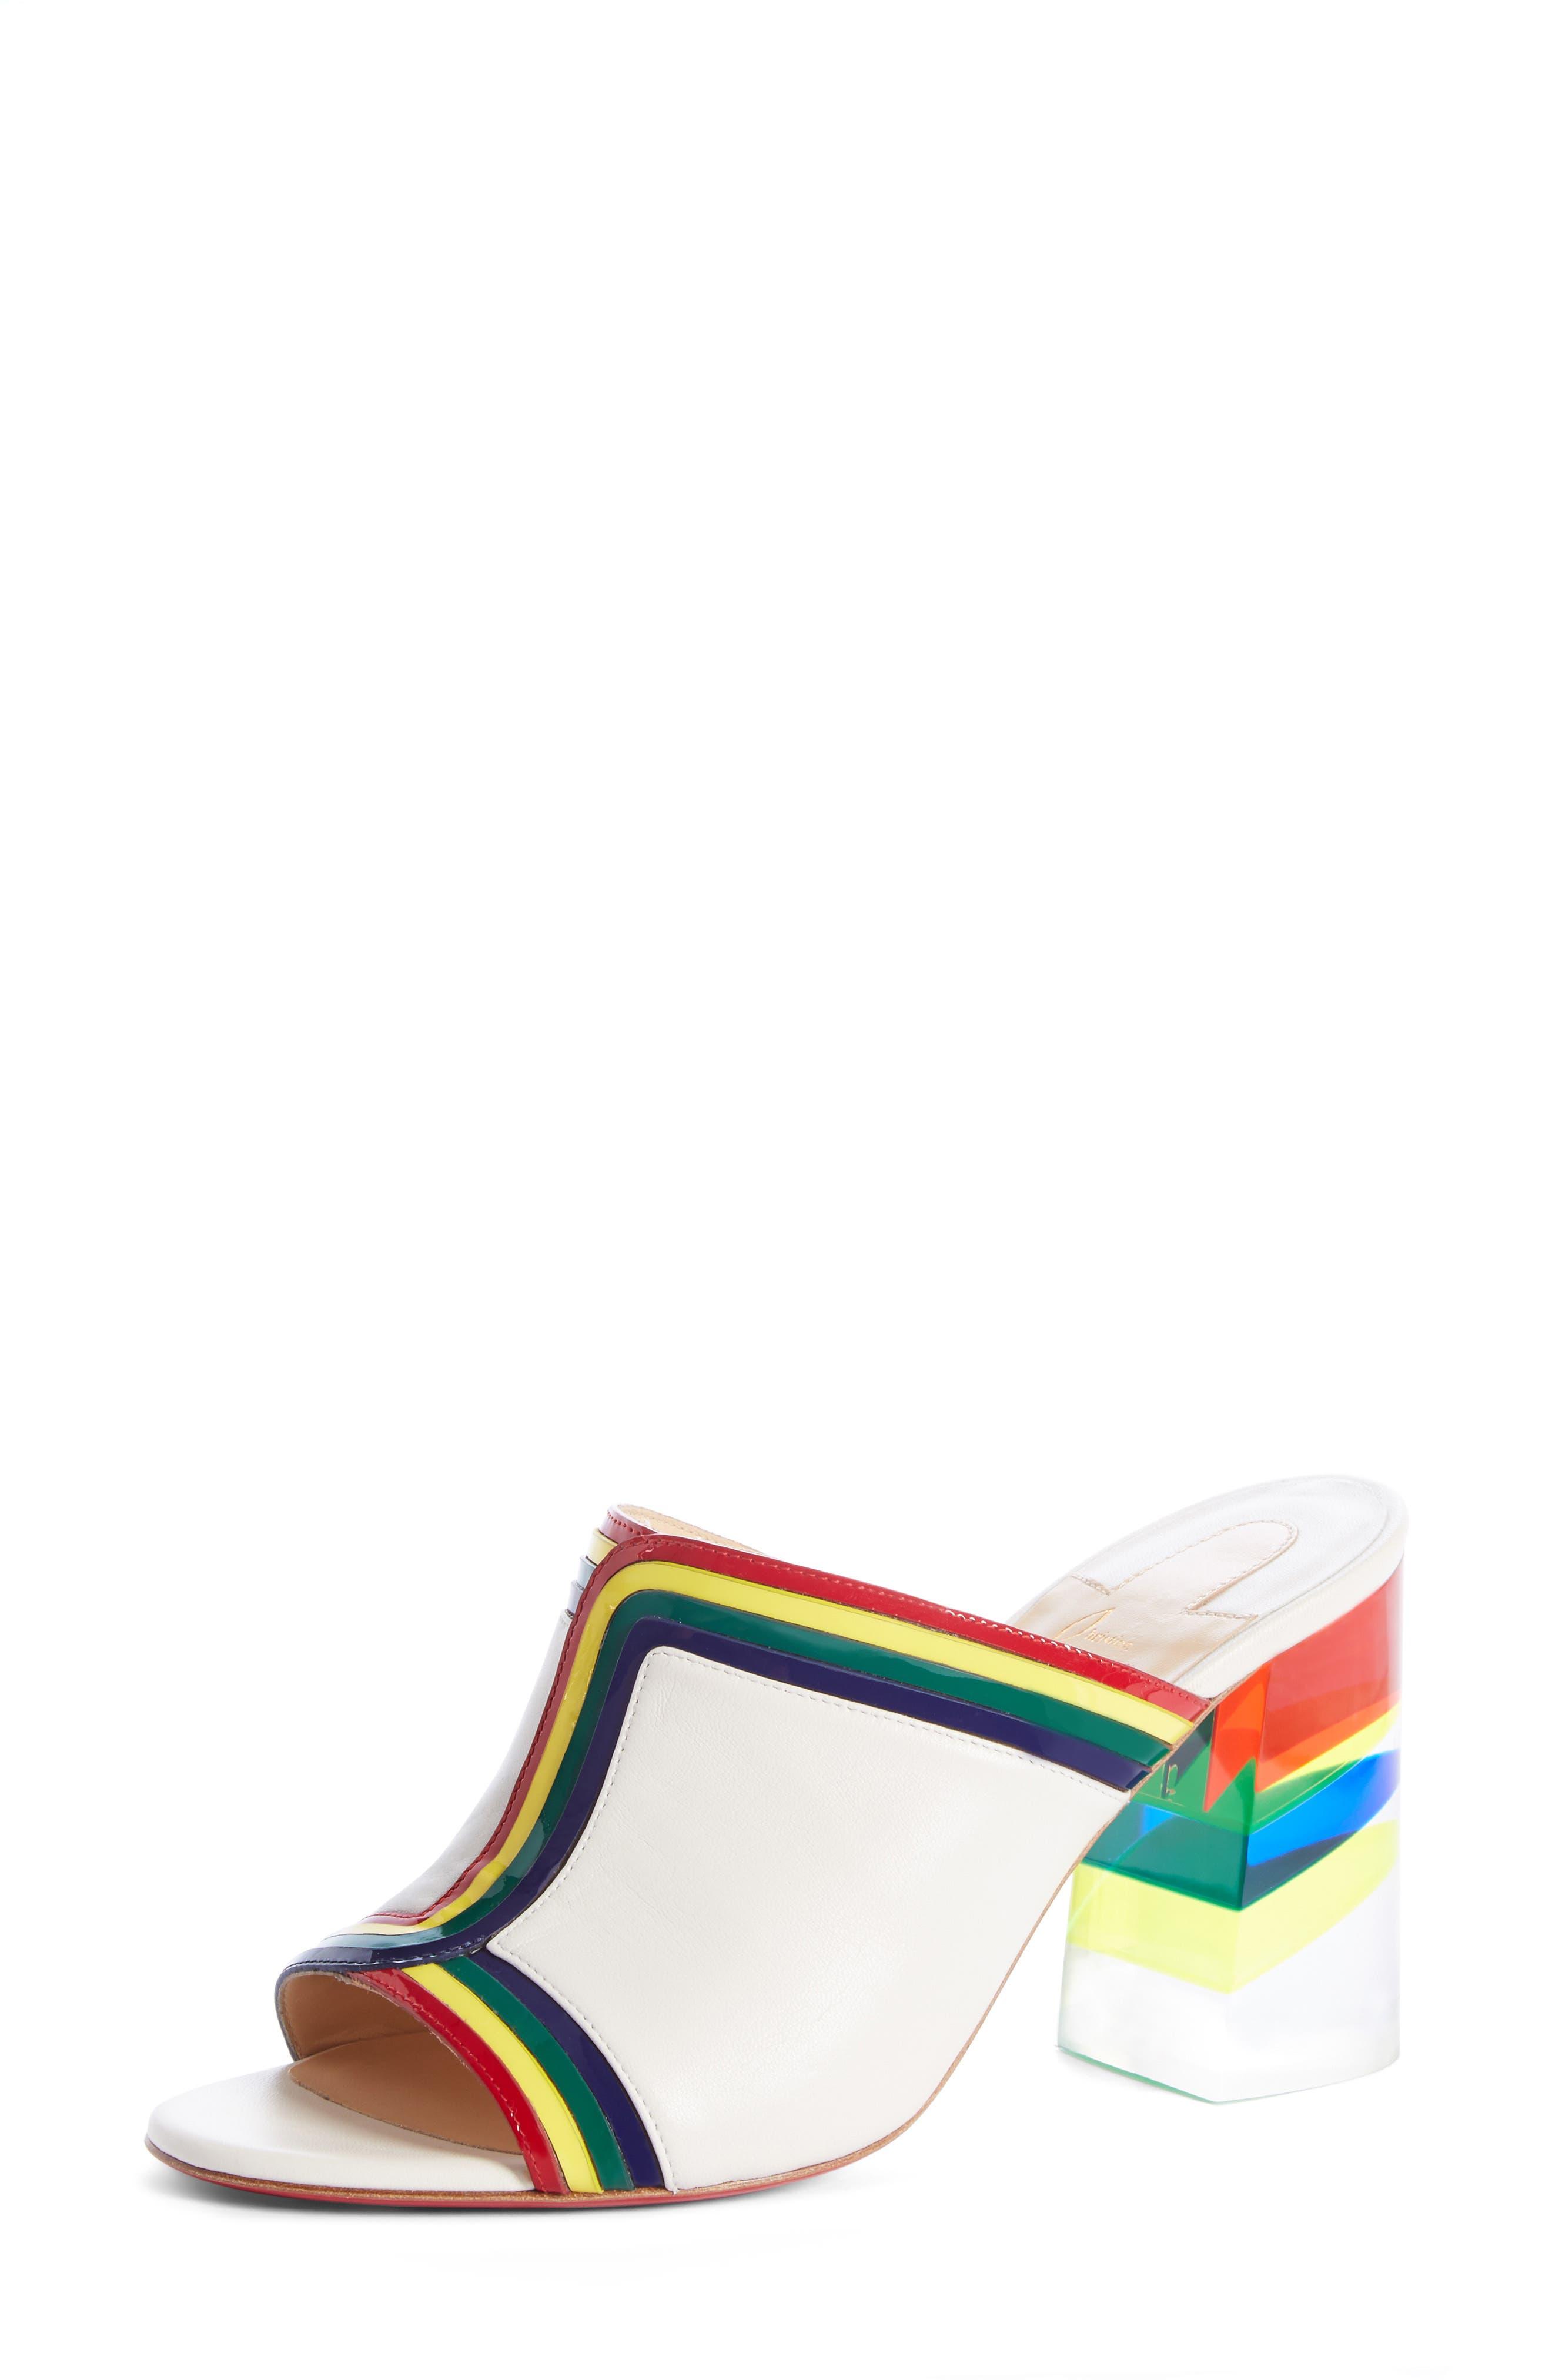 Ranimule Transparent Heel Mule, Main, color, SNOW/ MULTI